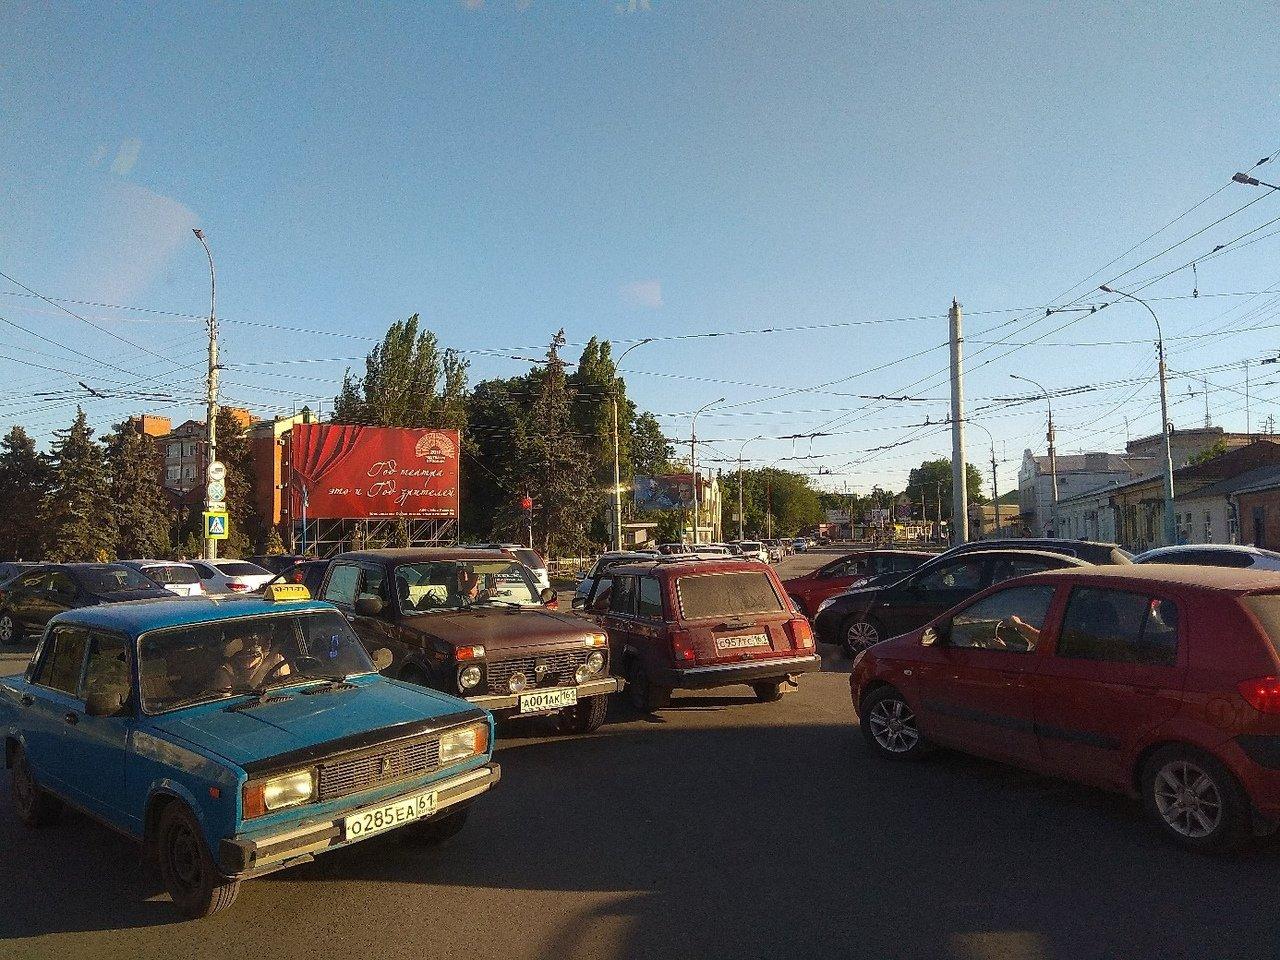 Движение в Таганроге парализовано из-за массовых эвакуаций ТРЦ, фото-2